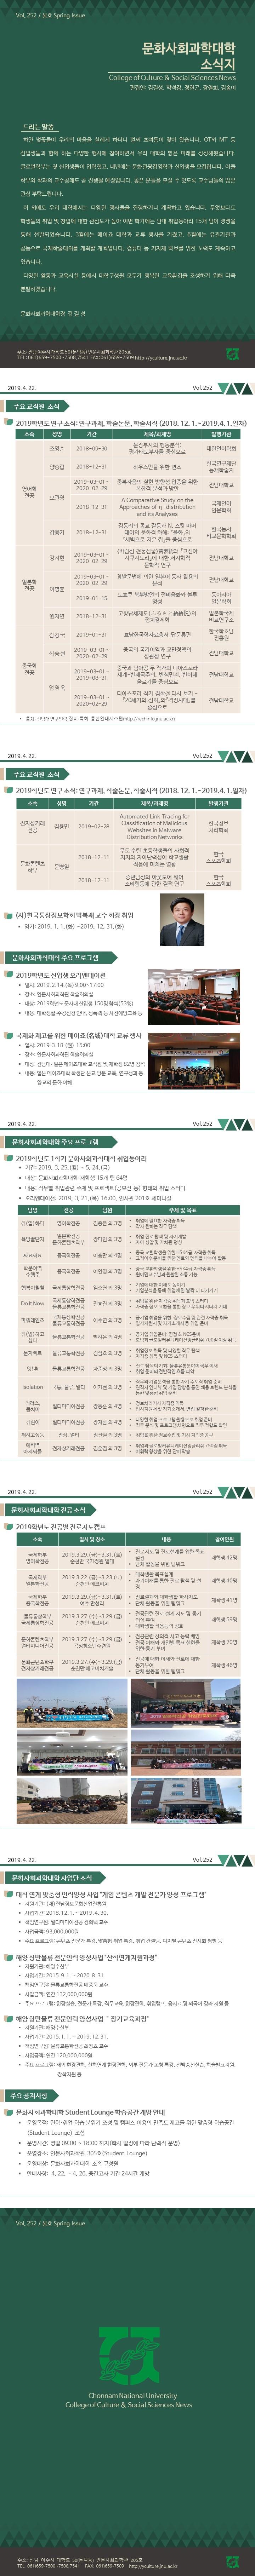 [소식지 제252호]2019년 문화사회과학대학 봄호(2019. 4. 22.일자)